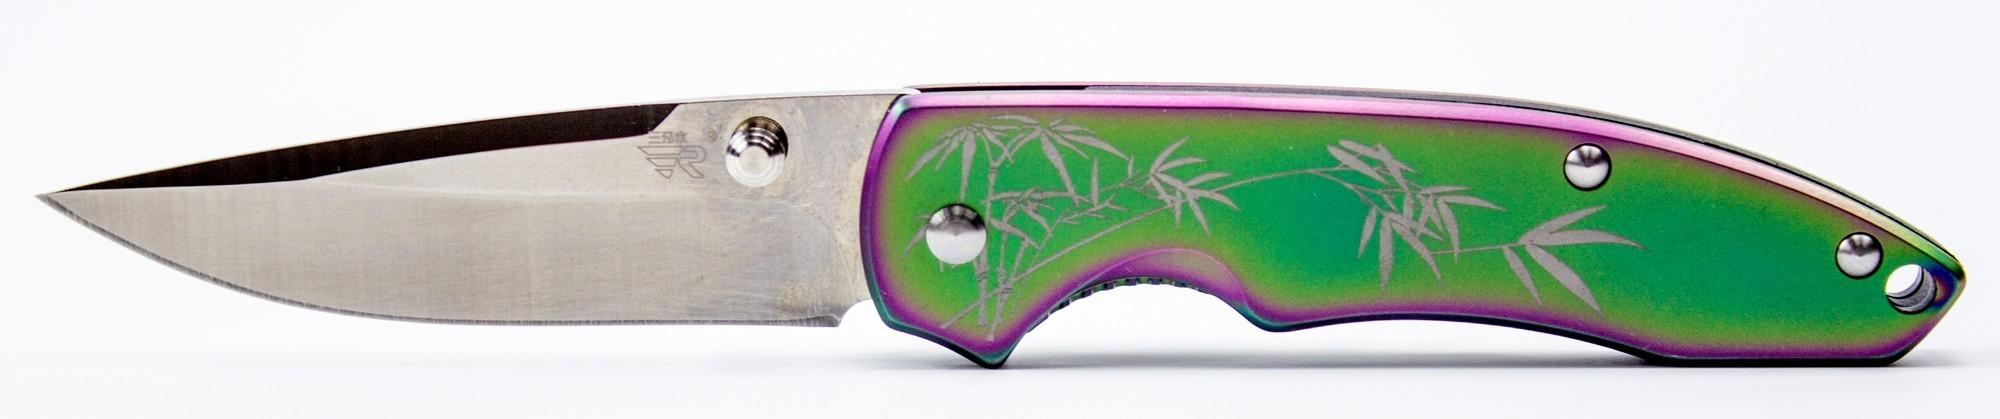 Складной нож SanRenMu